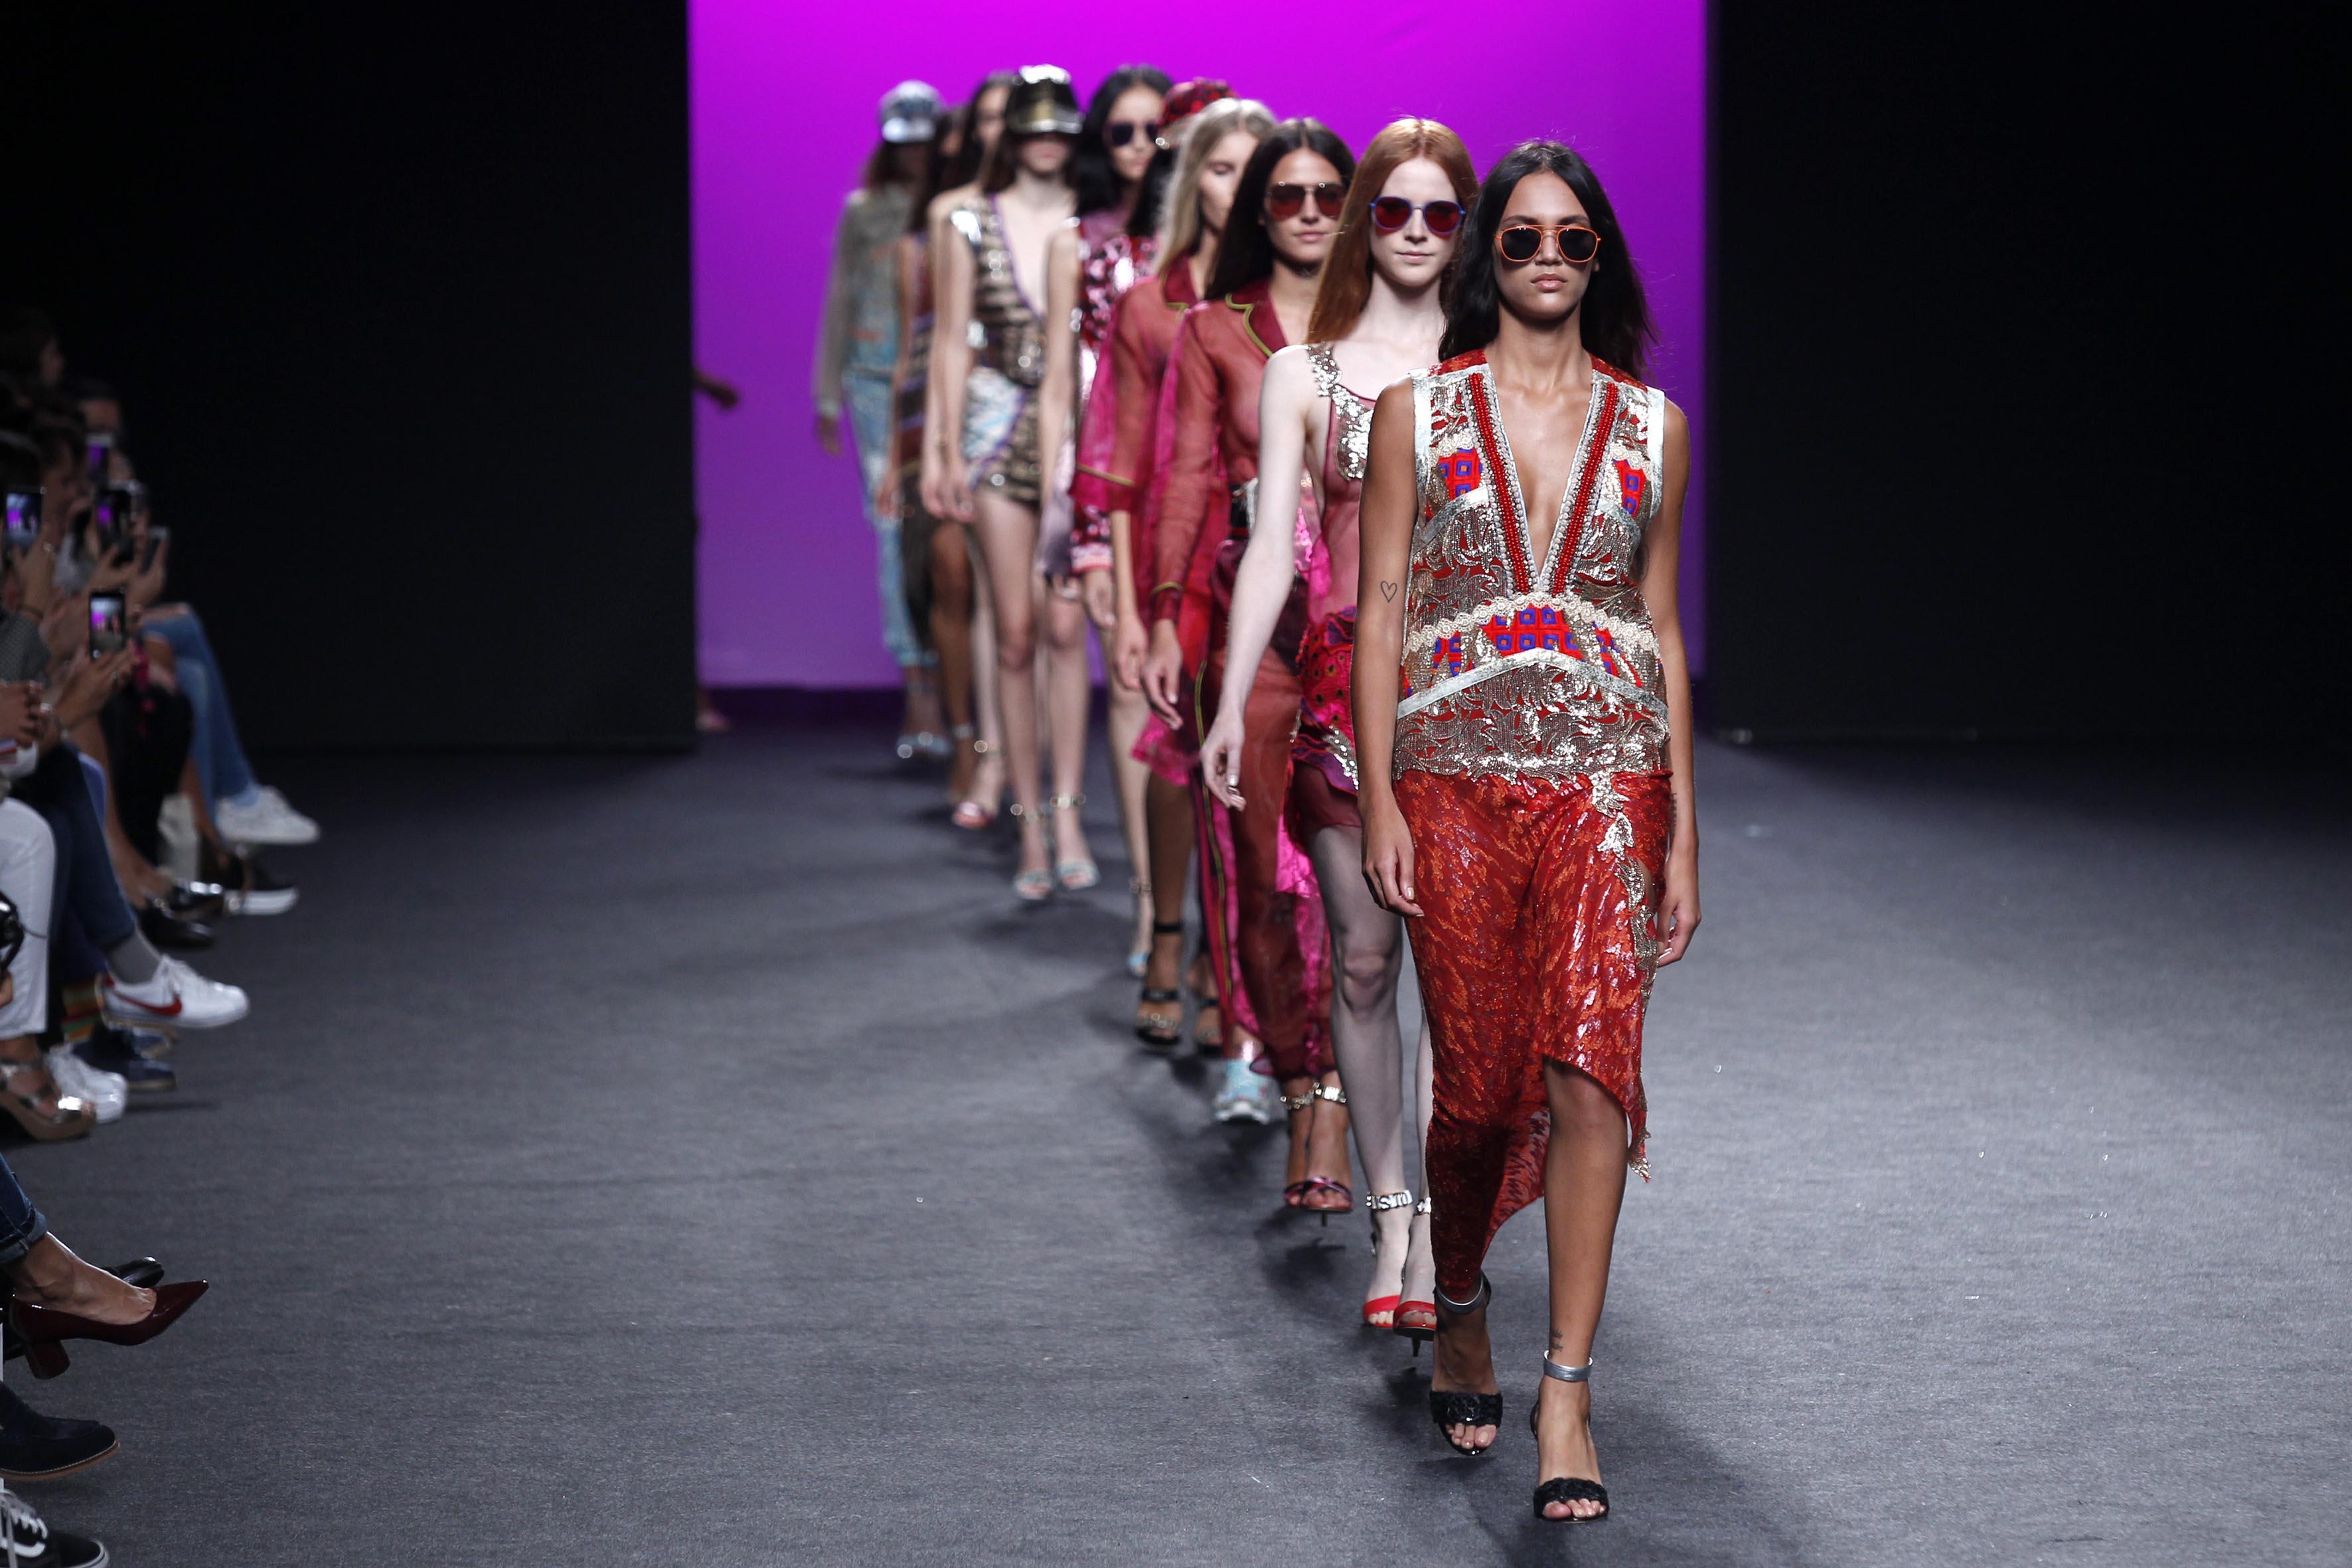 Charo Izquierdo, Leonor Pérez Pita, Comité de Moda, MBFWM, Mercedes-Benz Fashion Week Madrid, IFEMA,